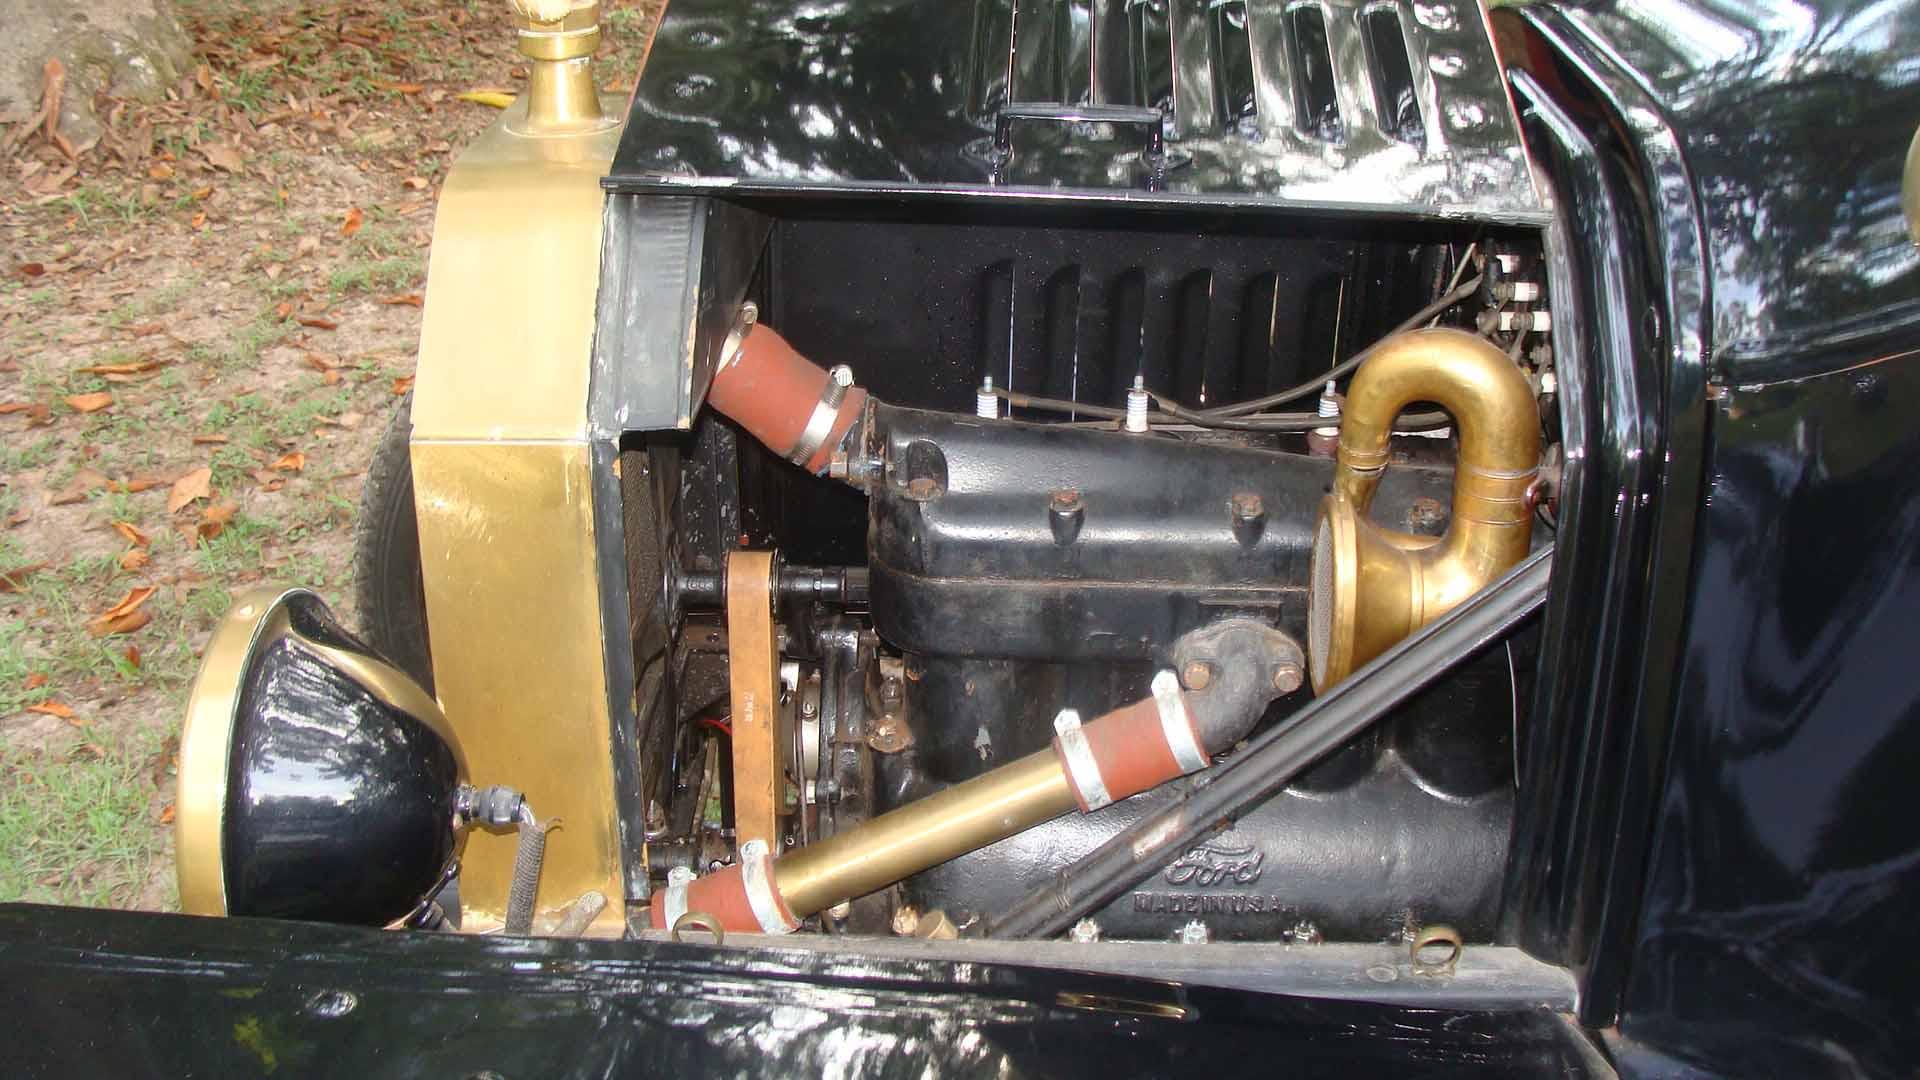 Left Side of Motor